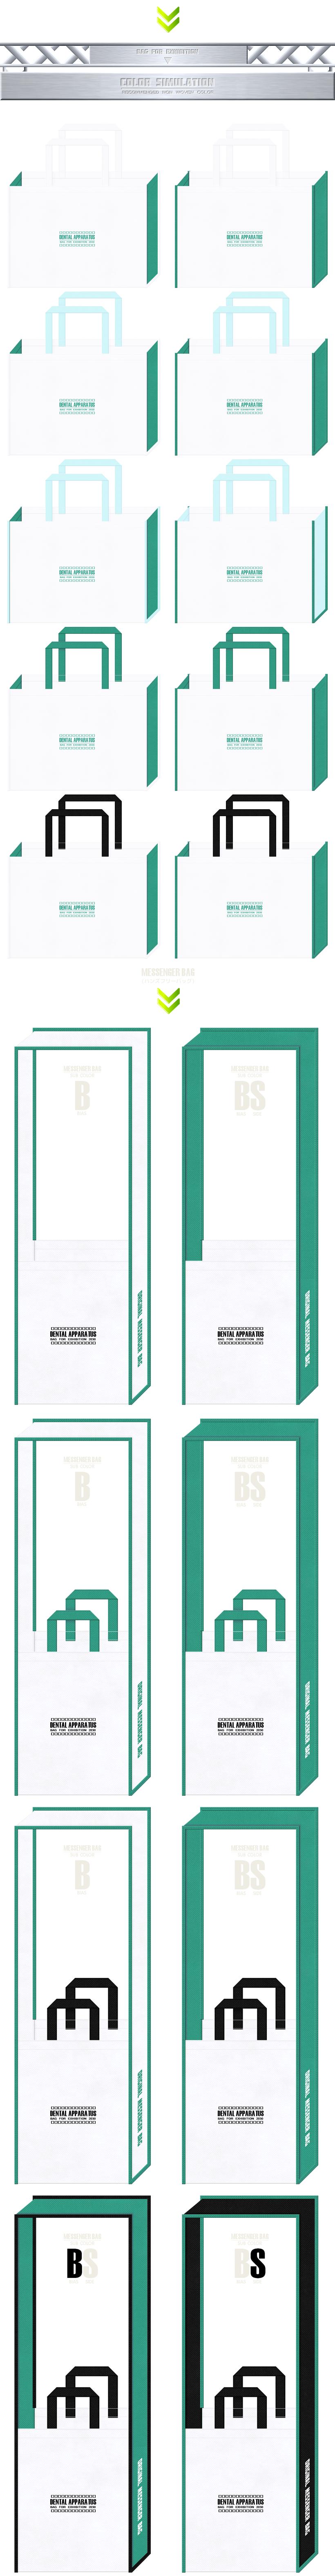 白色と青緑色をメインに使用した、不織布バッグのカラーシミュレーション(歯科・歯科医療器):歯科医療器の展示会用バッグ